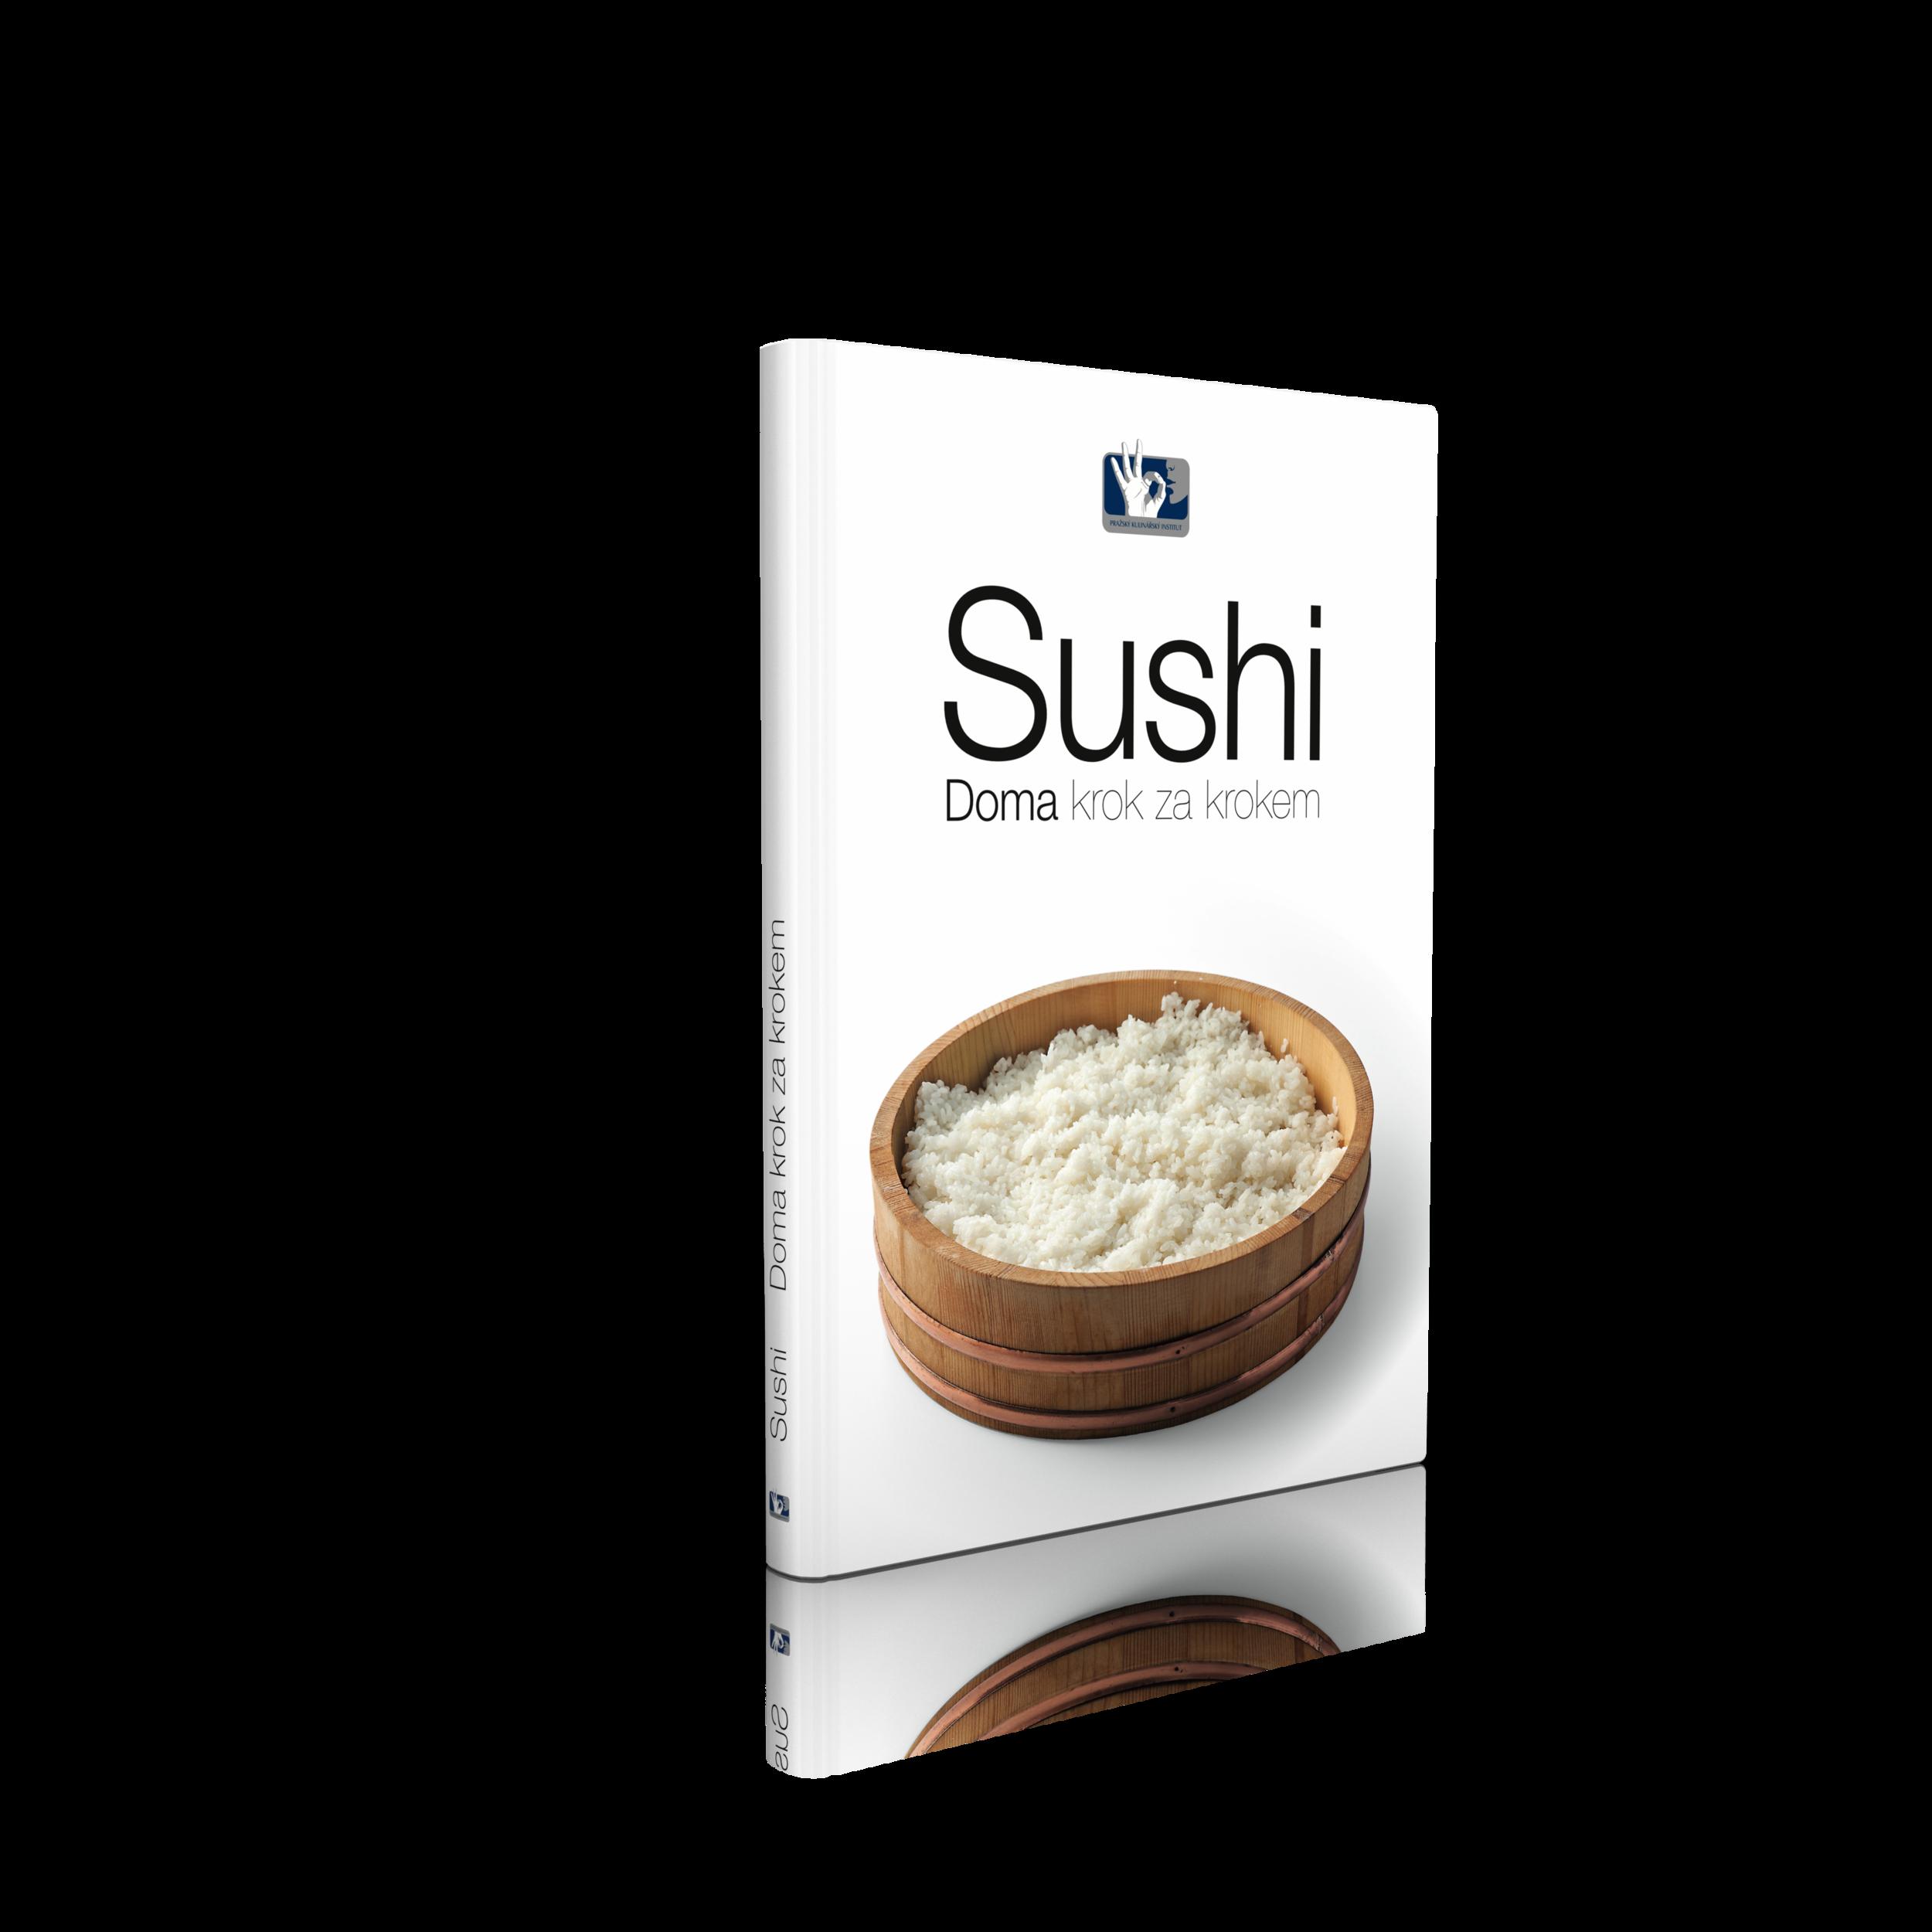 titul_3d_sushi_prazdna.png